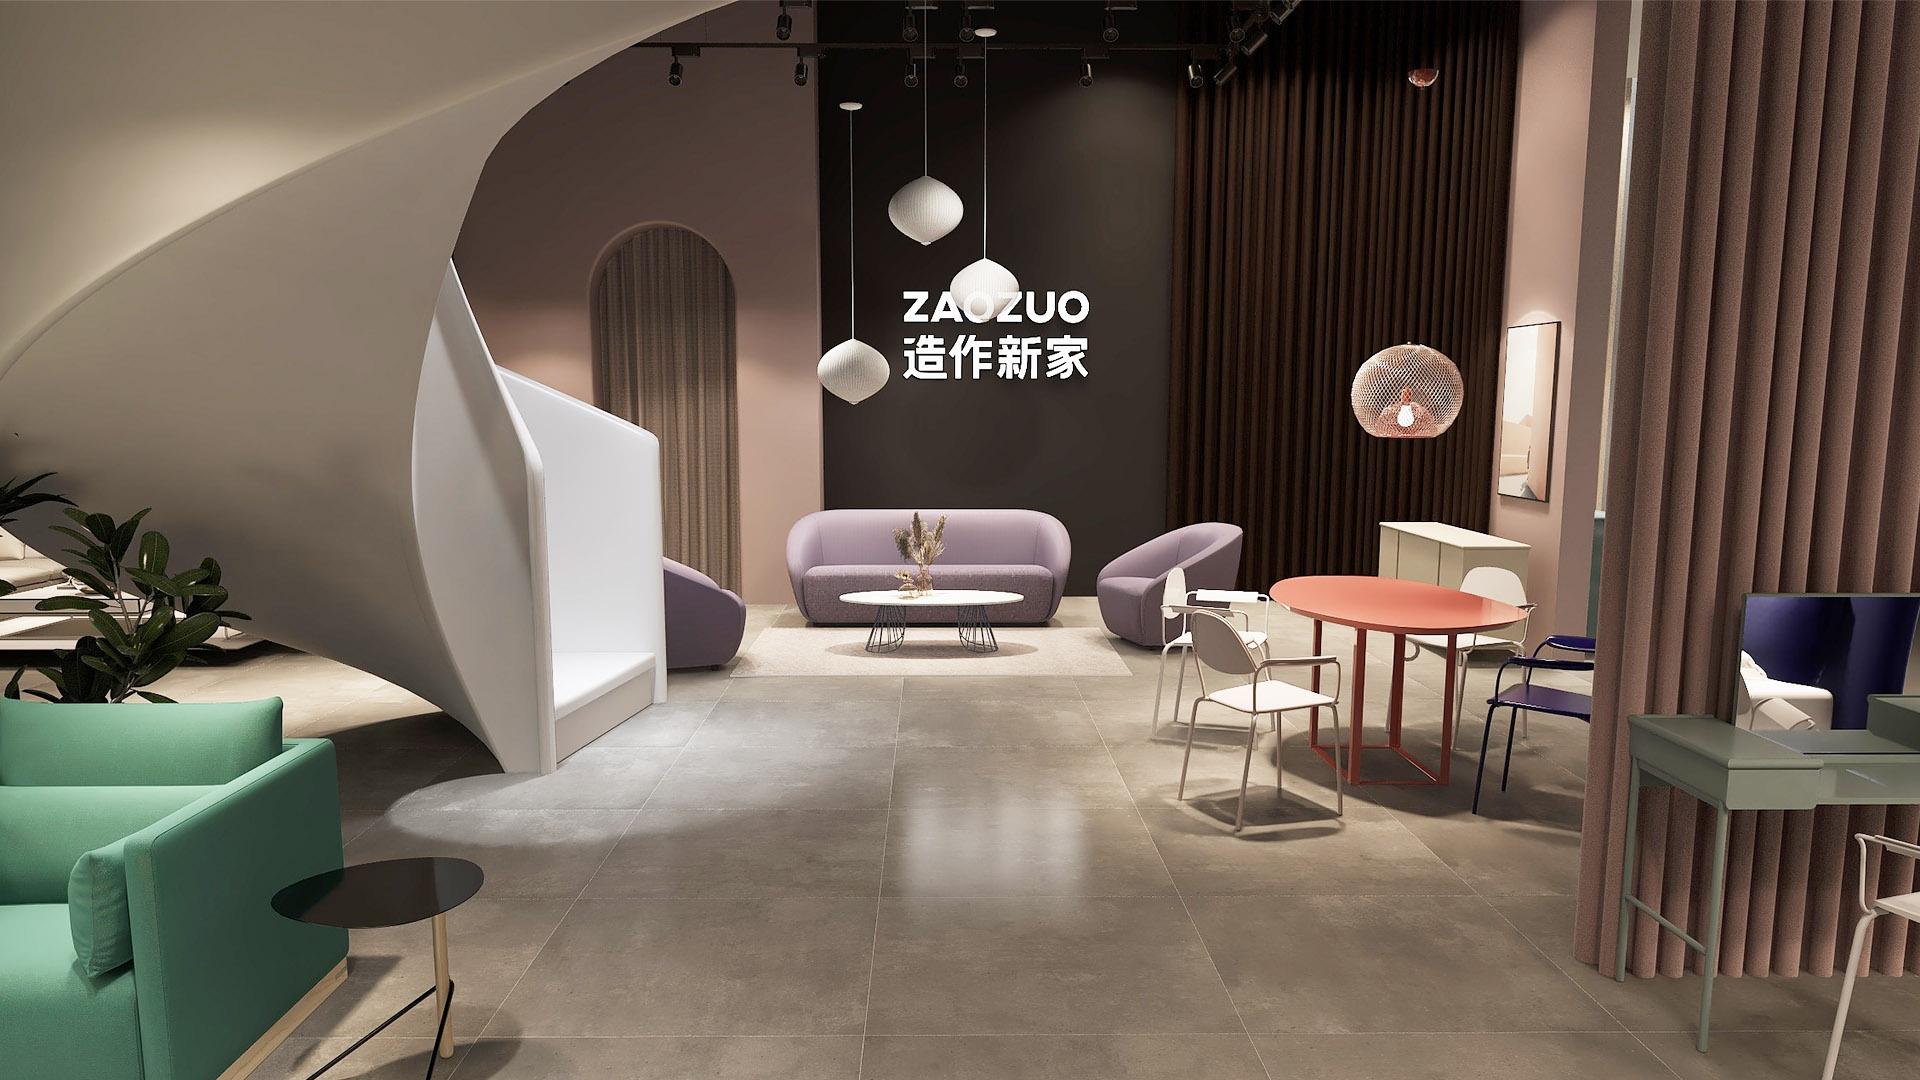 成都、重庆、昆明、台湾……更多新店即将见面